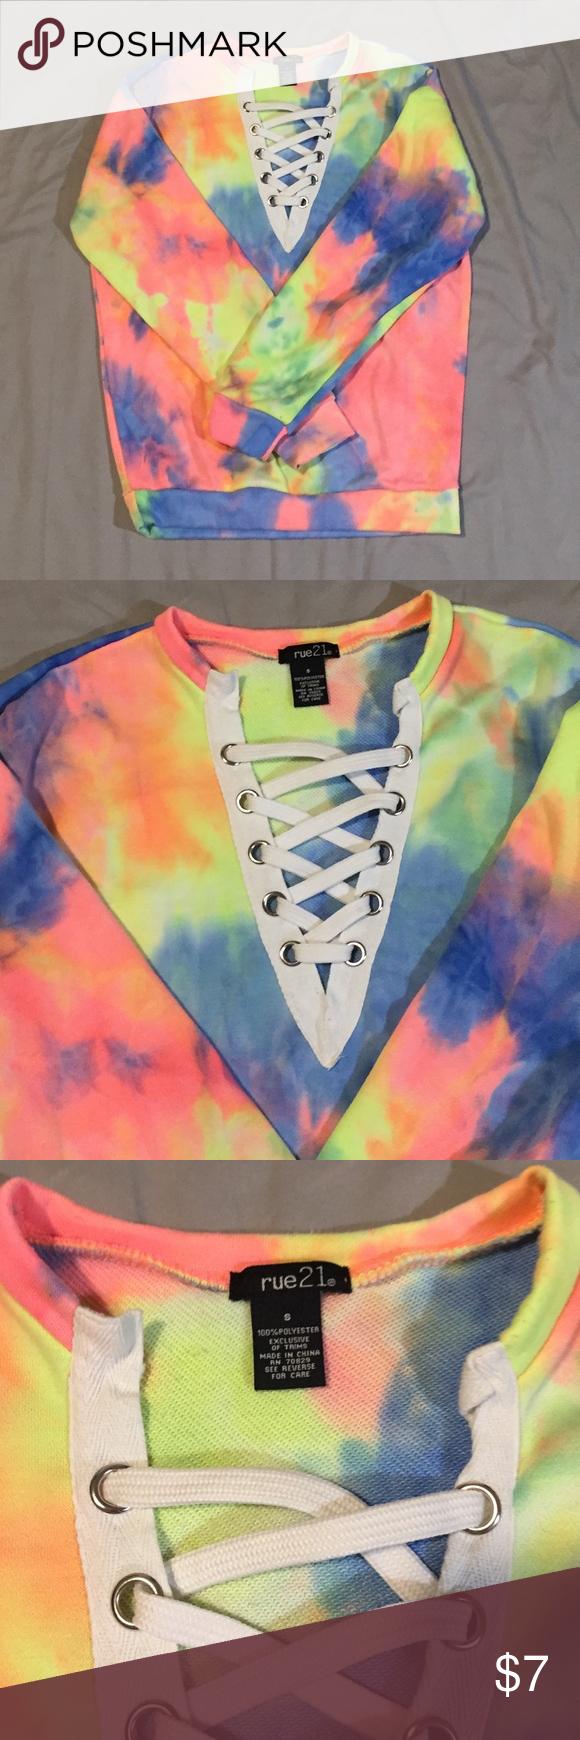 Lace Up Tie Dye Sweatshirt Sz S Rue 21 Lace Up Tie Dye Sweatshirt Rue21 Sweaters V Necks Tie Dye Sweatshirt Tie Dye Sweatshirts [ 1740 x 580 Pixel ]